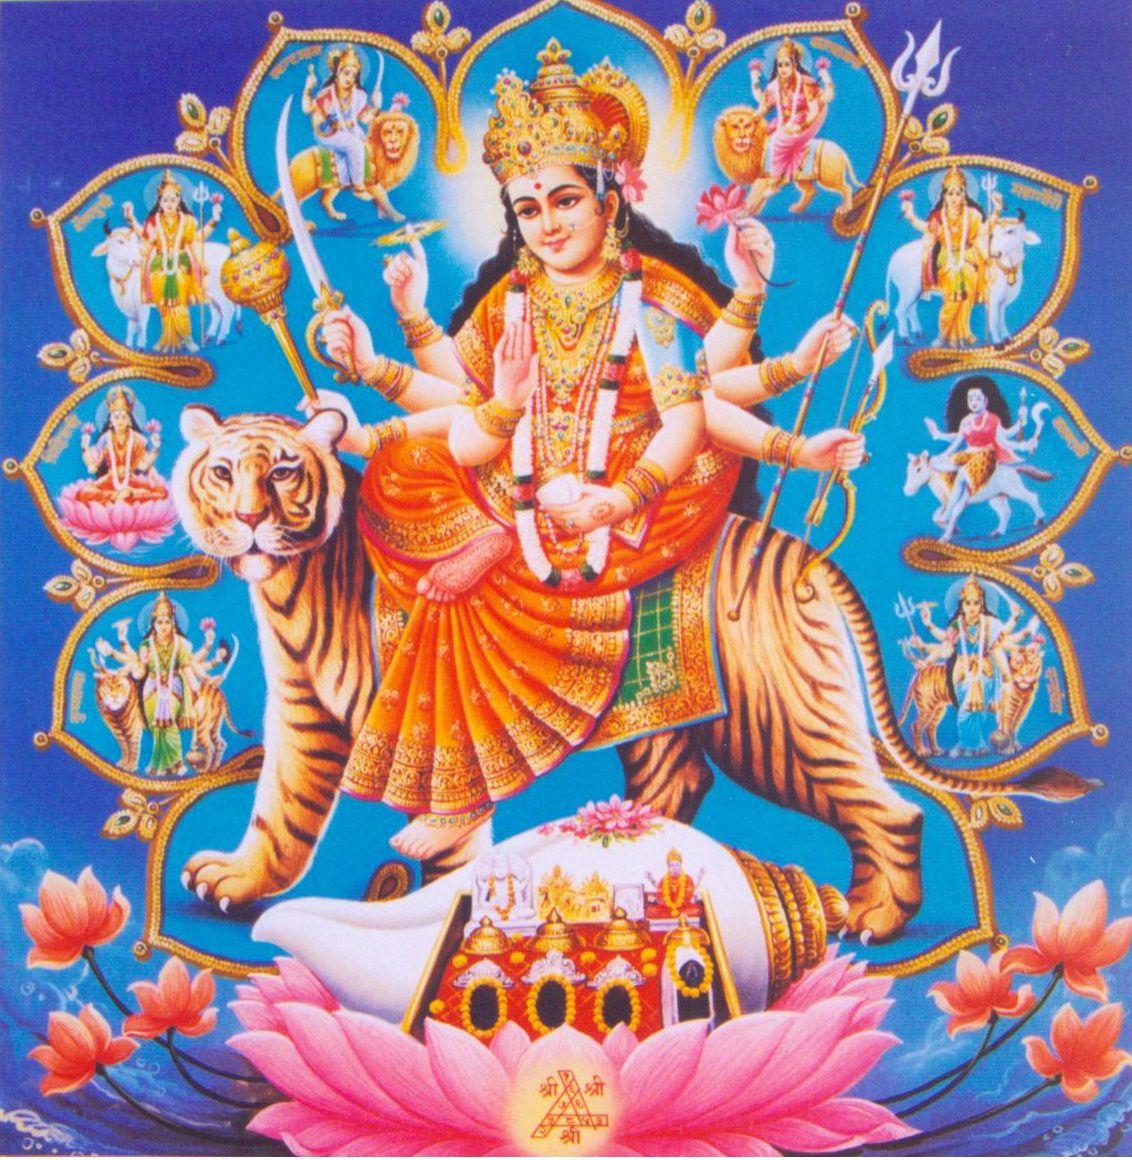 shri krishna wallpapers for desktop